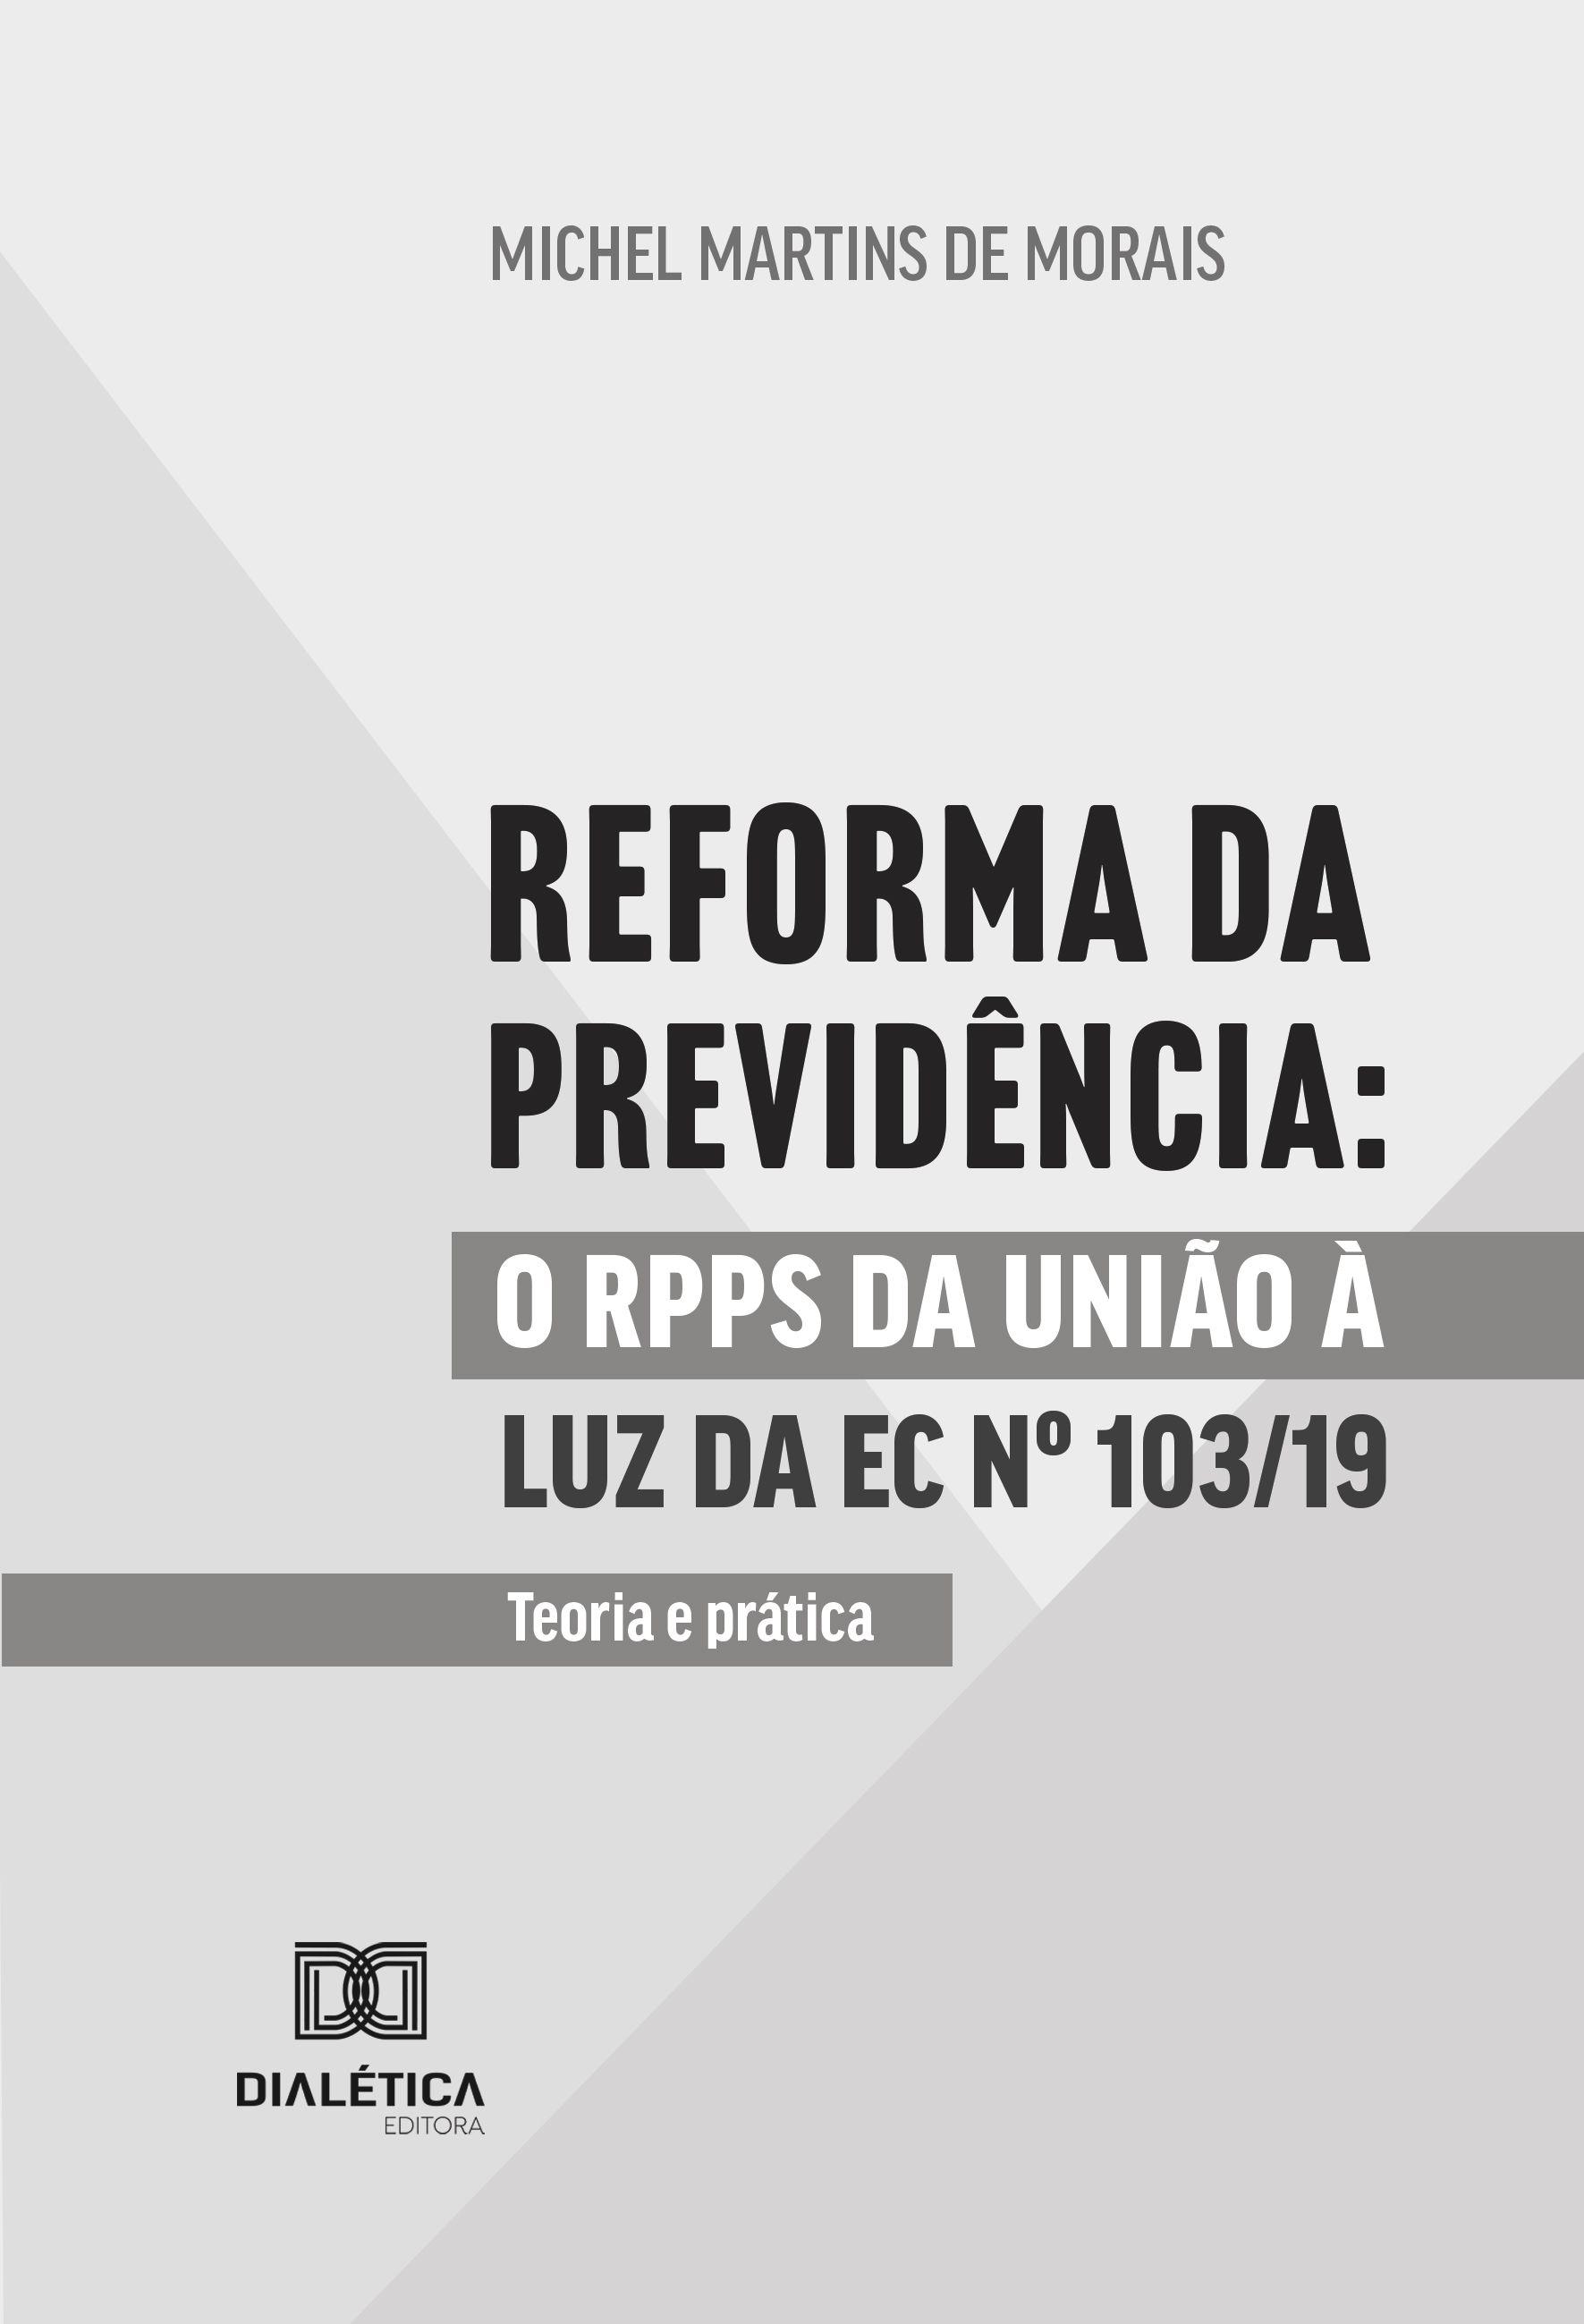 Reforma da previdência: o RPPS da União à luz da EC nº 103/19